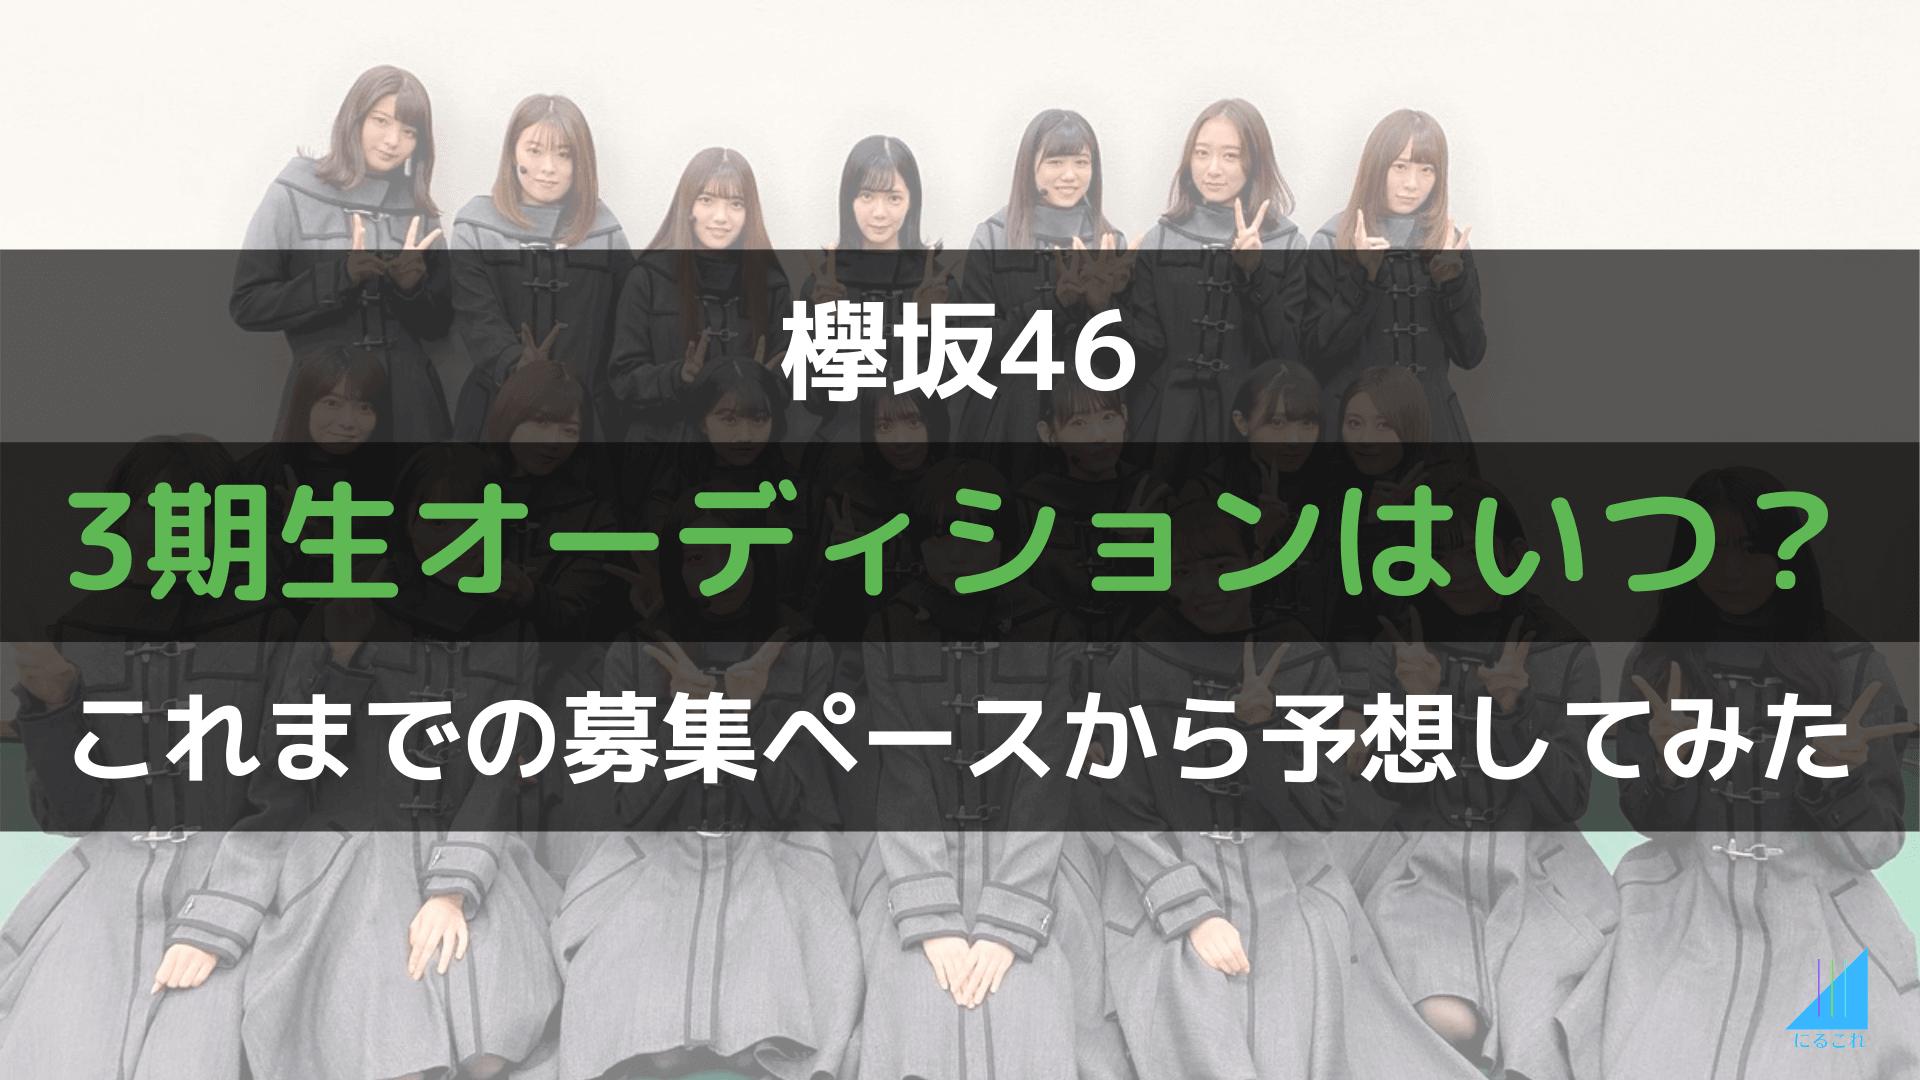 坂道 オーディション 2019